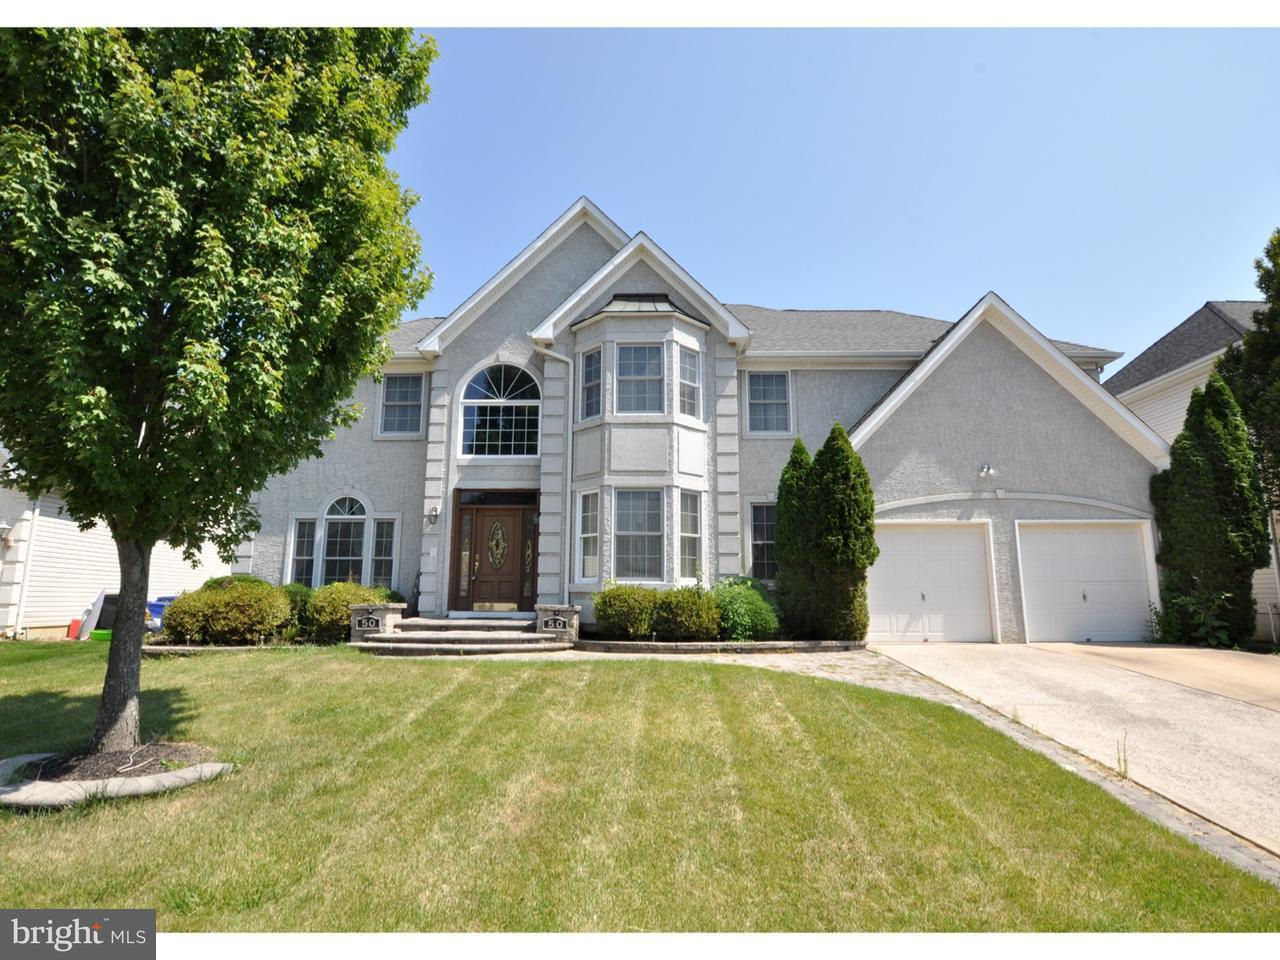 Maison unifamiliale pour l Vente à 50 GREENBRIER Drive Westampton Township, New Jersey 08060 États-Unis